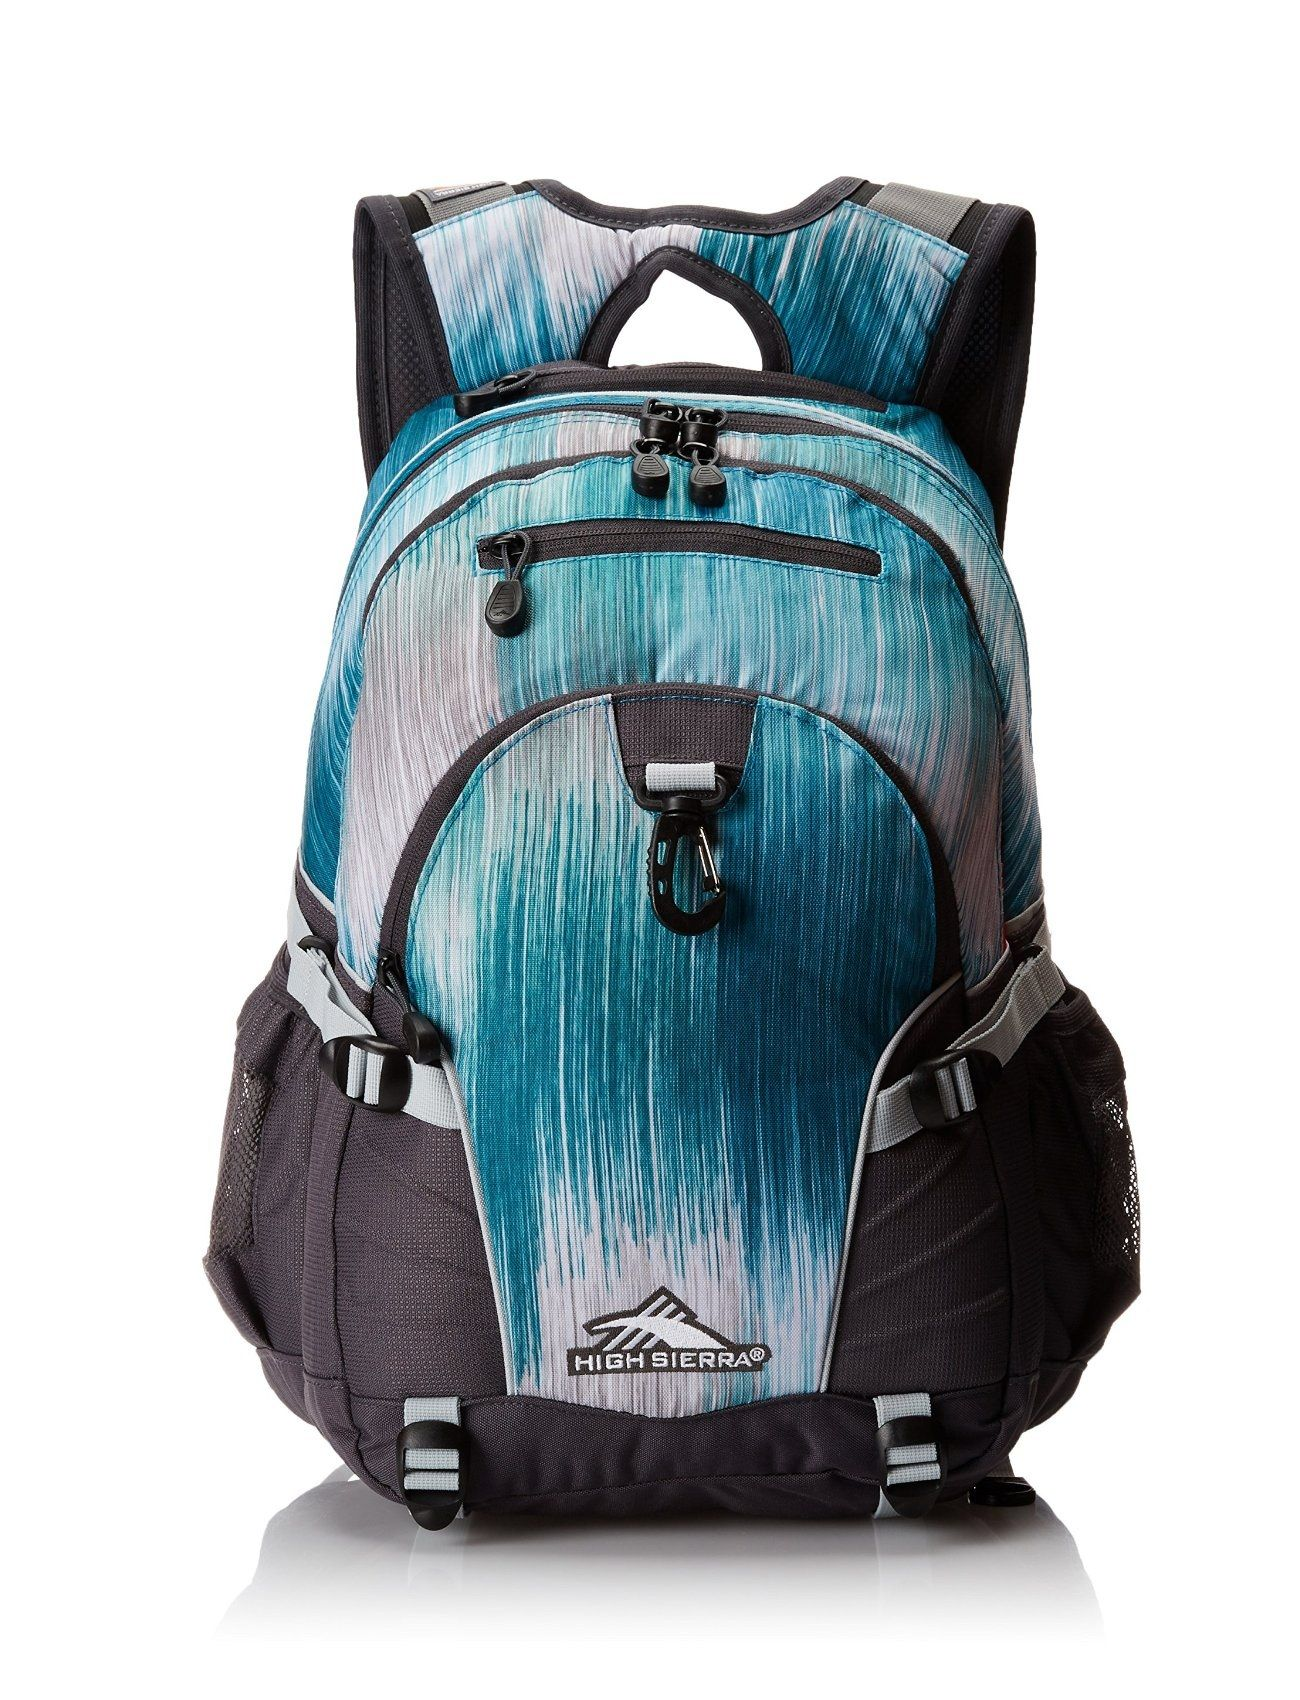 High Sierra Loop Backpack | Fashion Bags B | Pinterest